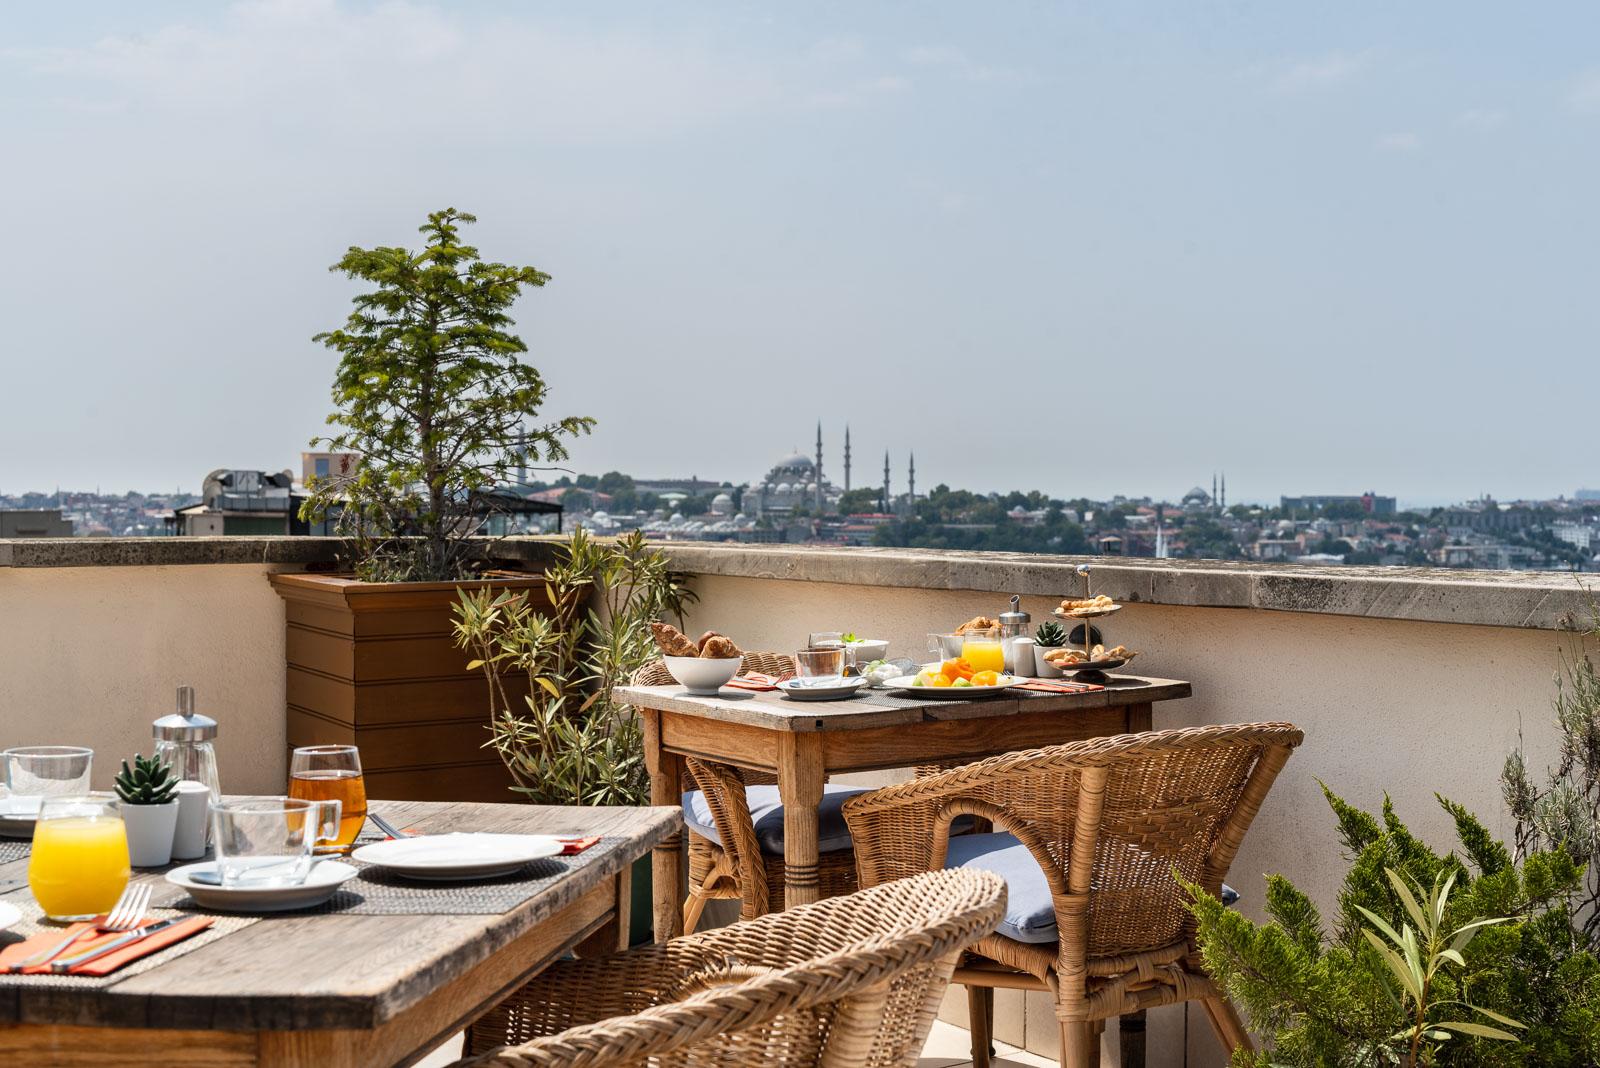 desayuno en terraza de hotel